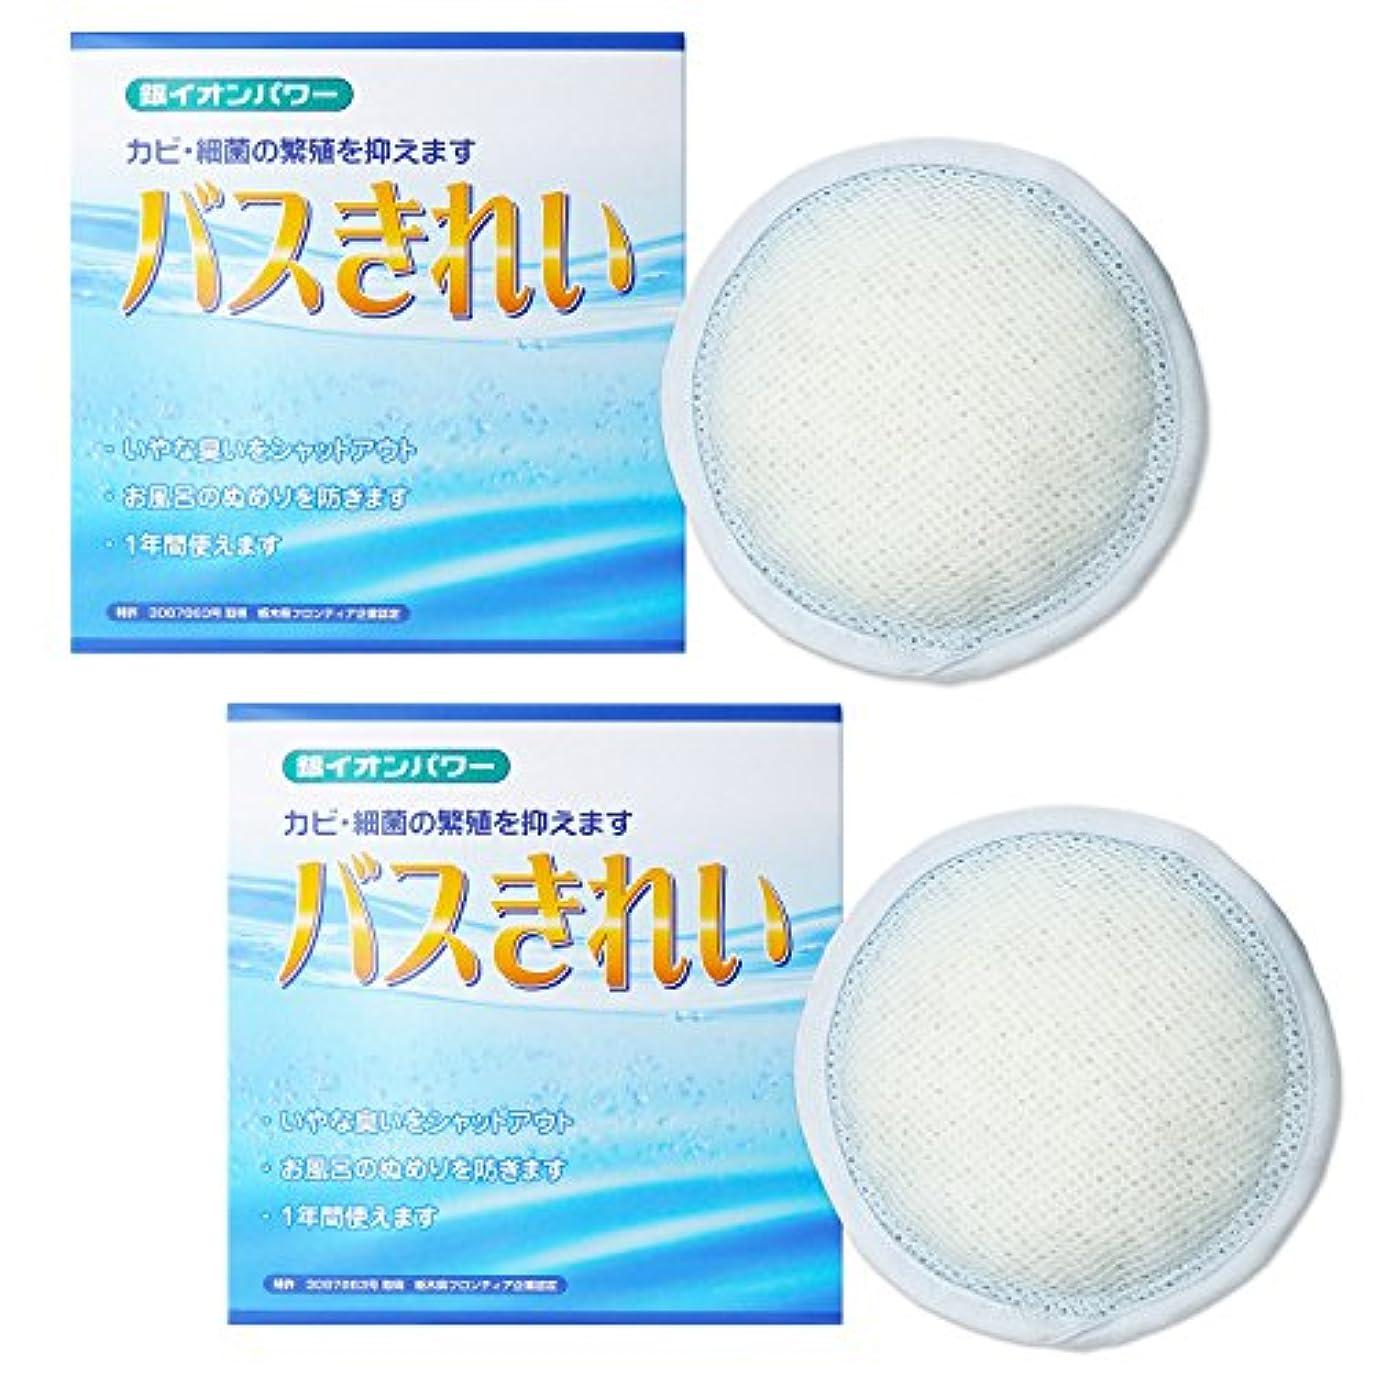 普通の見る人電気陽性Ag+ 銀イオンパワー 【バスきれい 2個セット】 お風呂用銀イオン ポンと入れるだけ1年使えるエコ製品